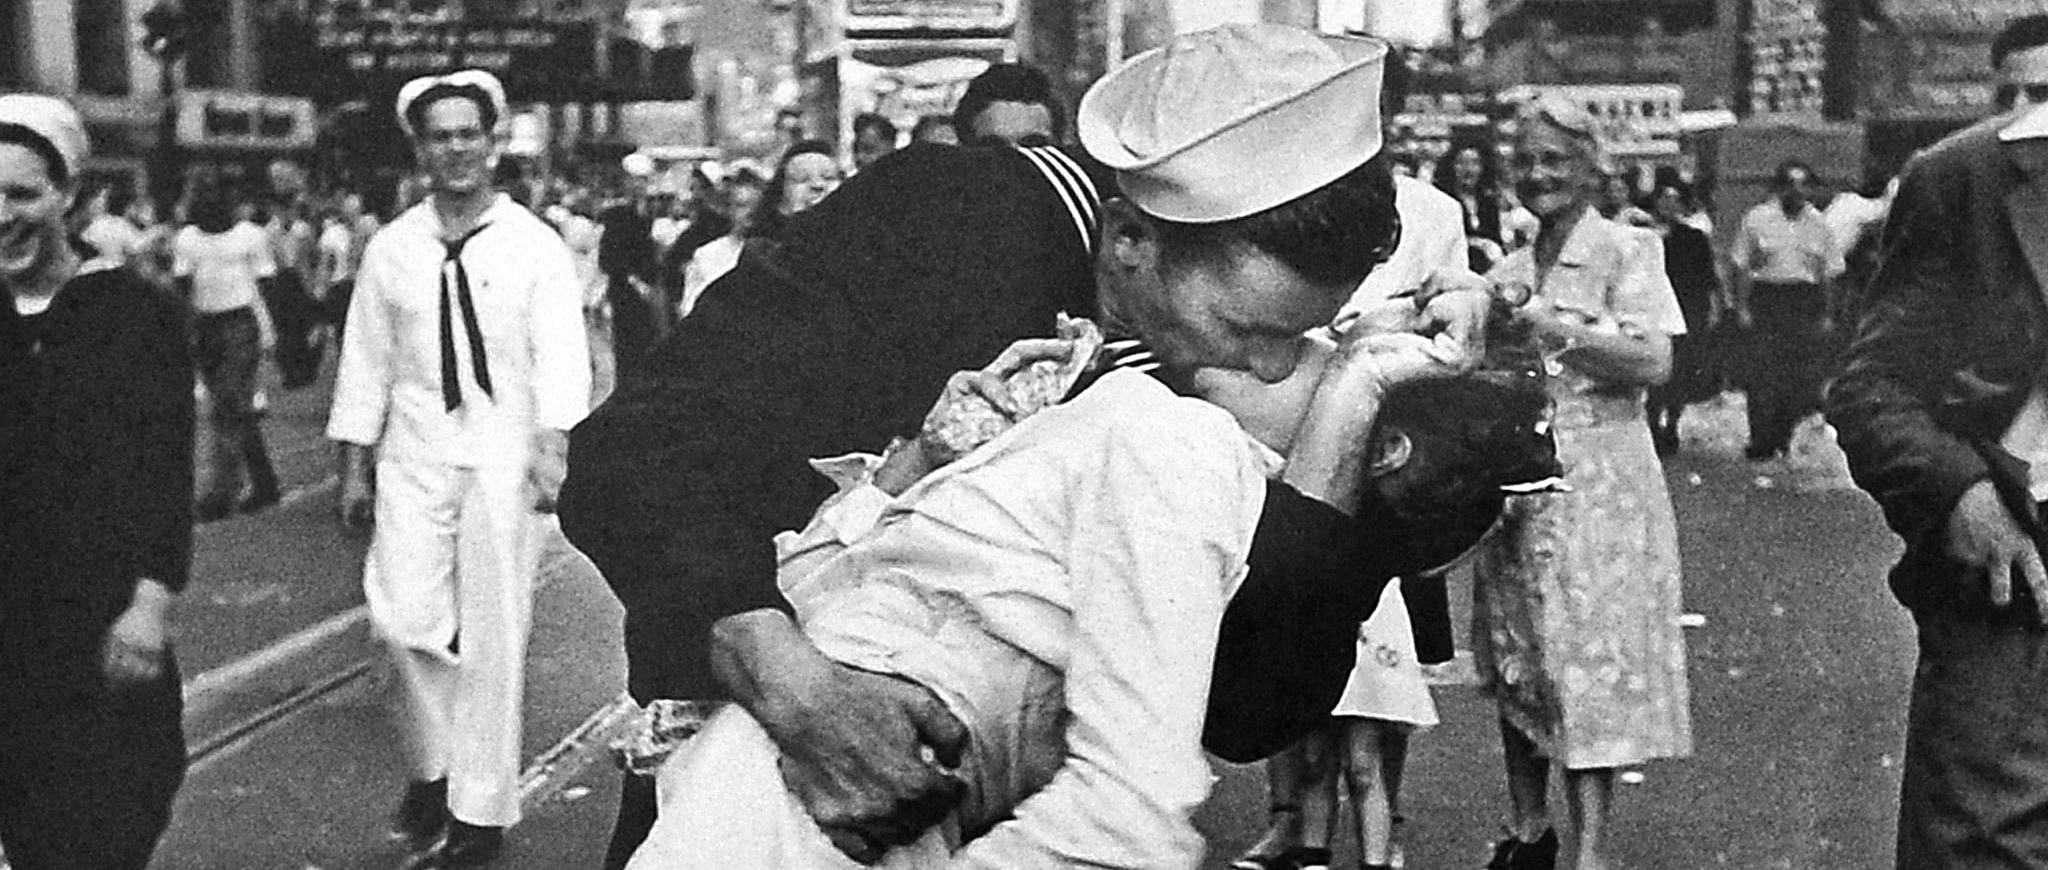 Znalezione obrazy dla zapytania pocałunek na times square